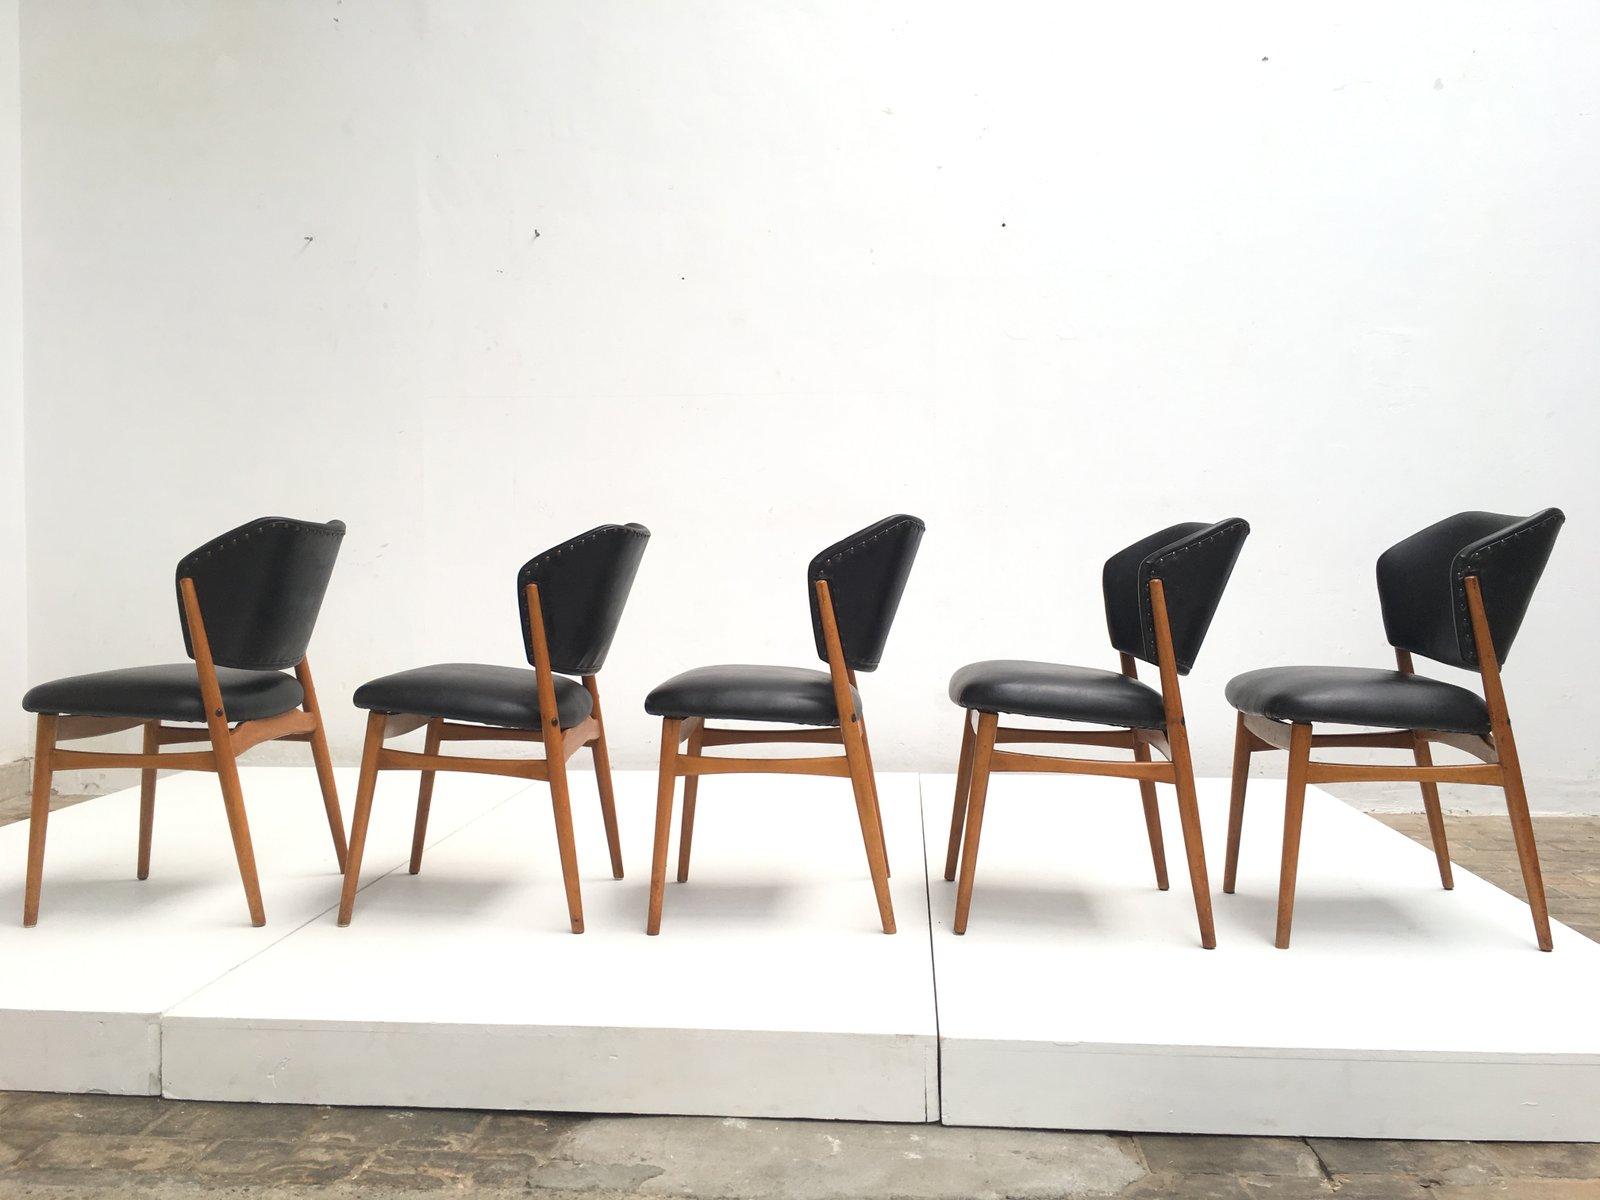 Sedie da pranzo in legno di betulla e similpelle set di 5 for Sedie in similpelle